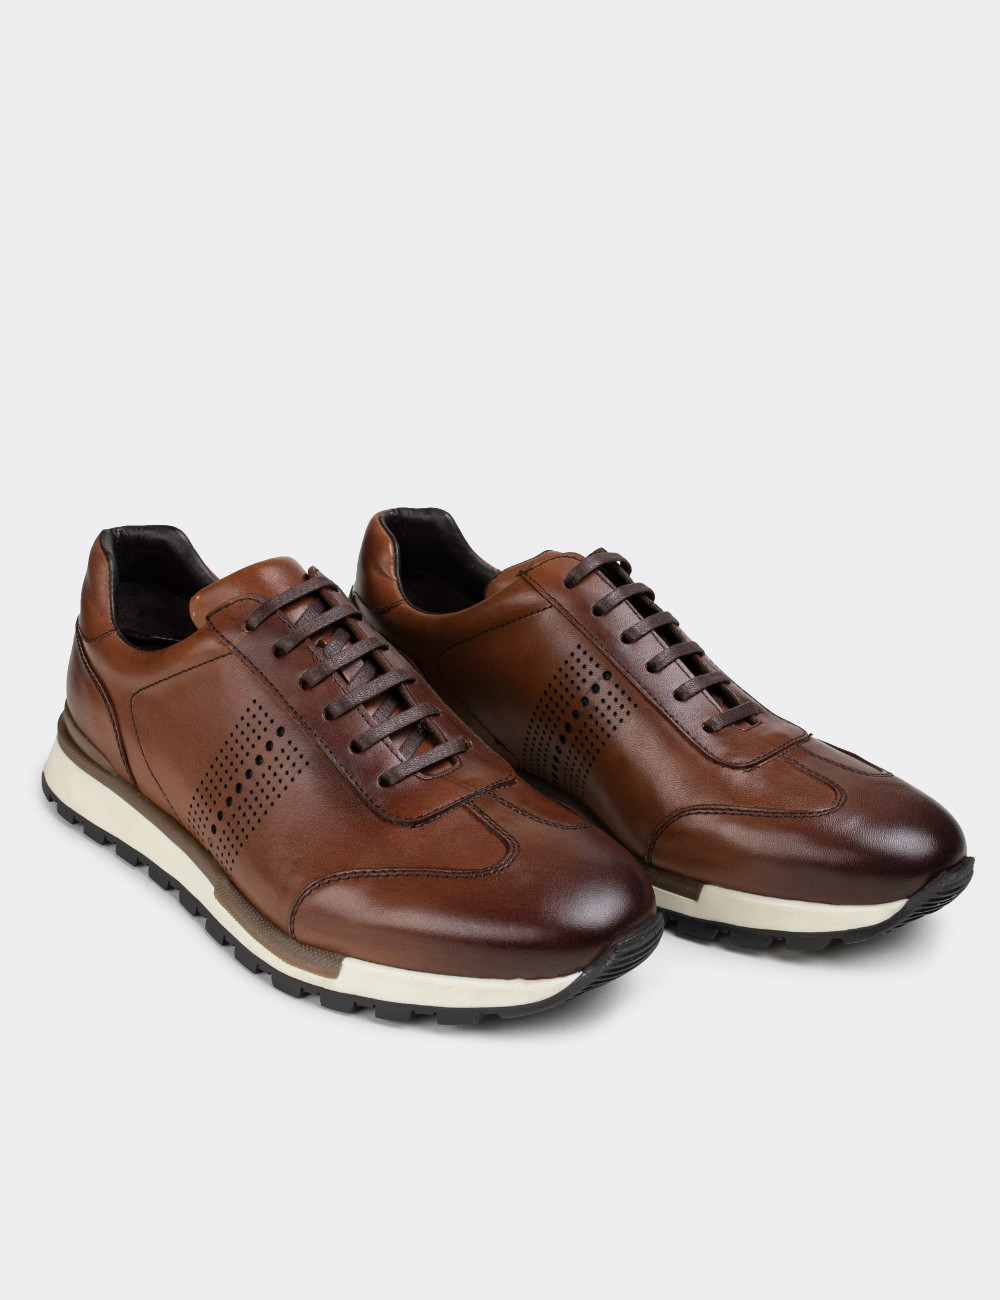 Hakiki Deri Taba Rengi Sneaker Erkek Ayakkabı - 01738MTBAT01